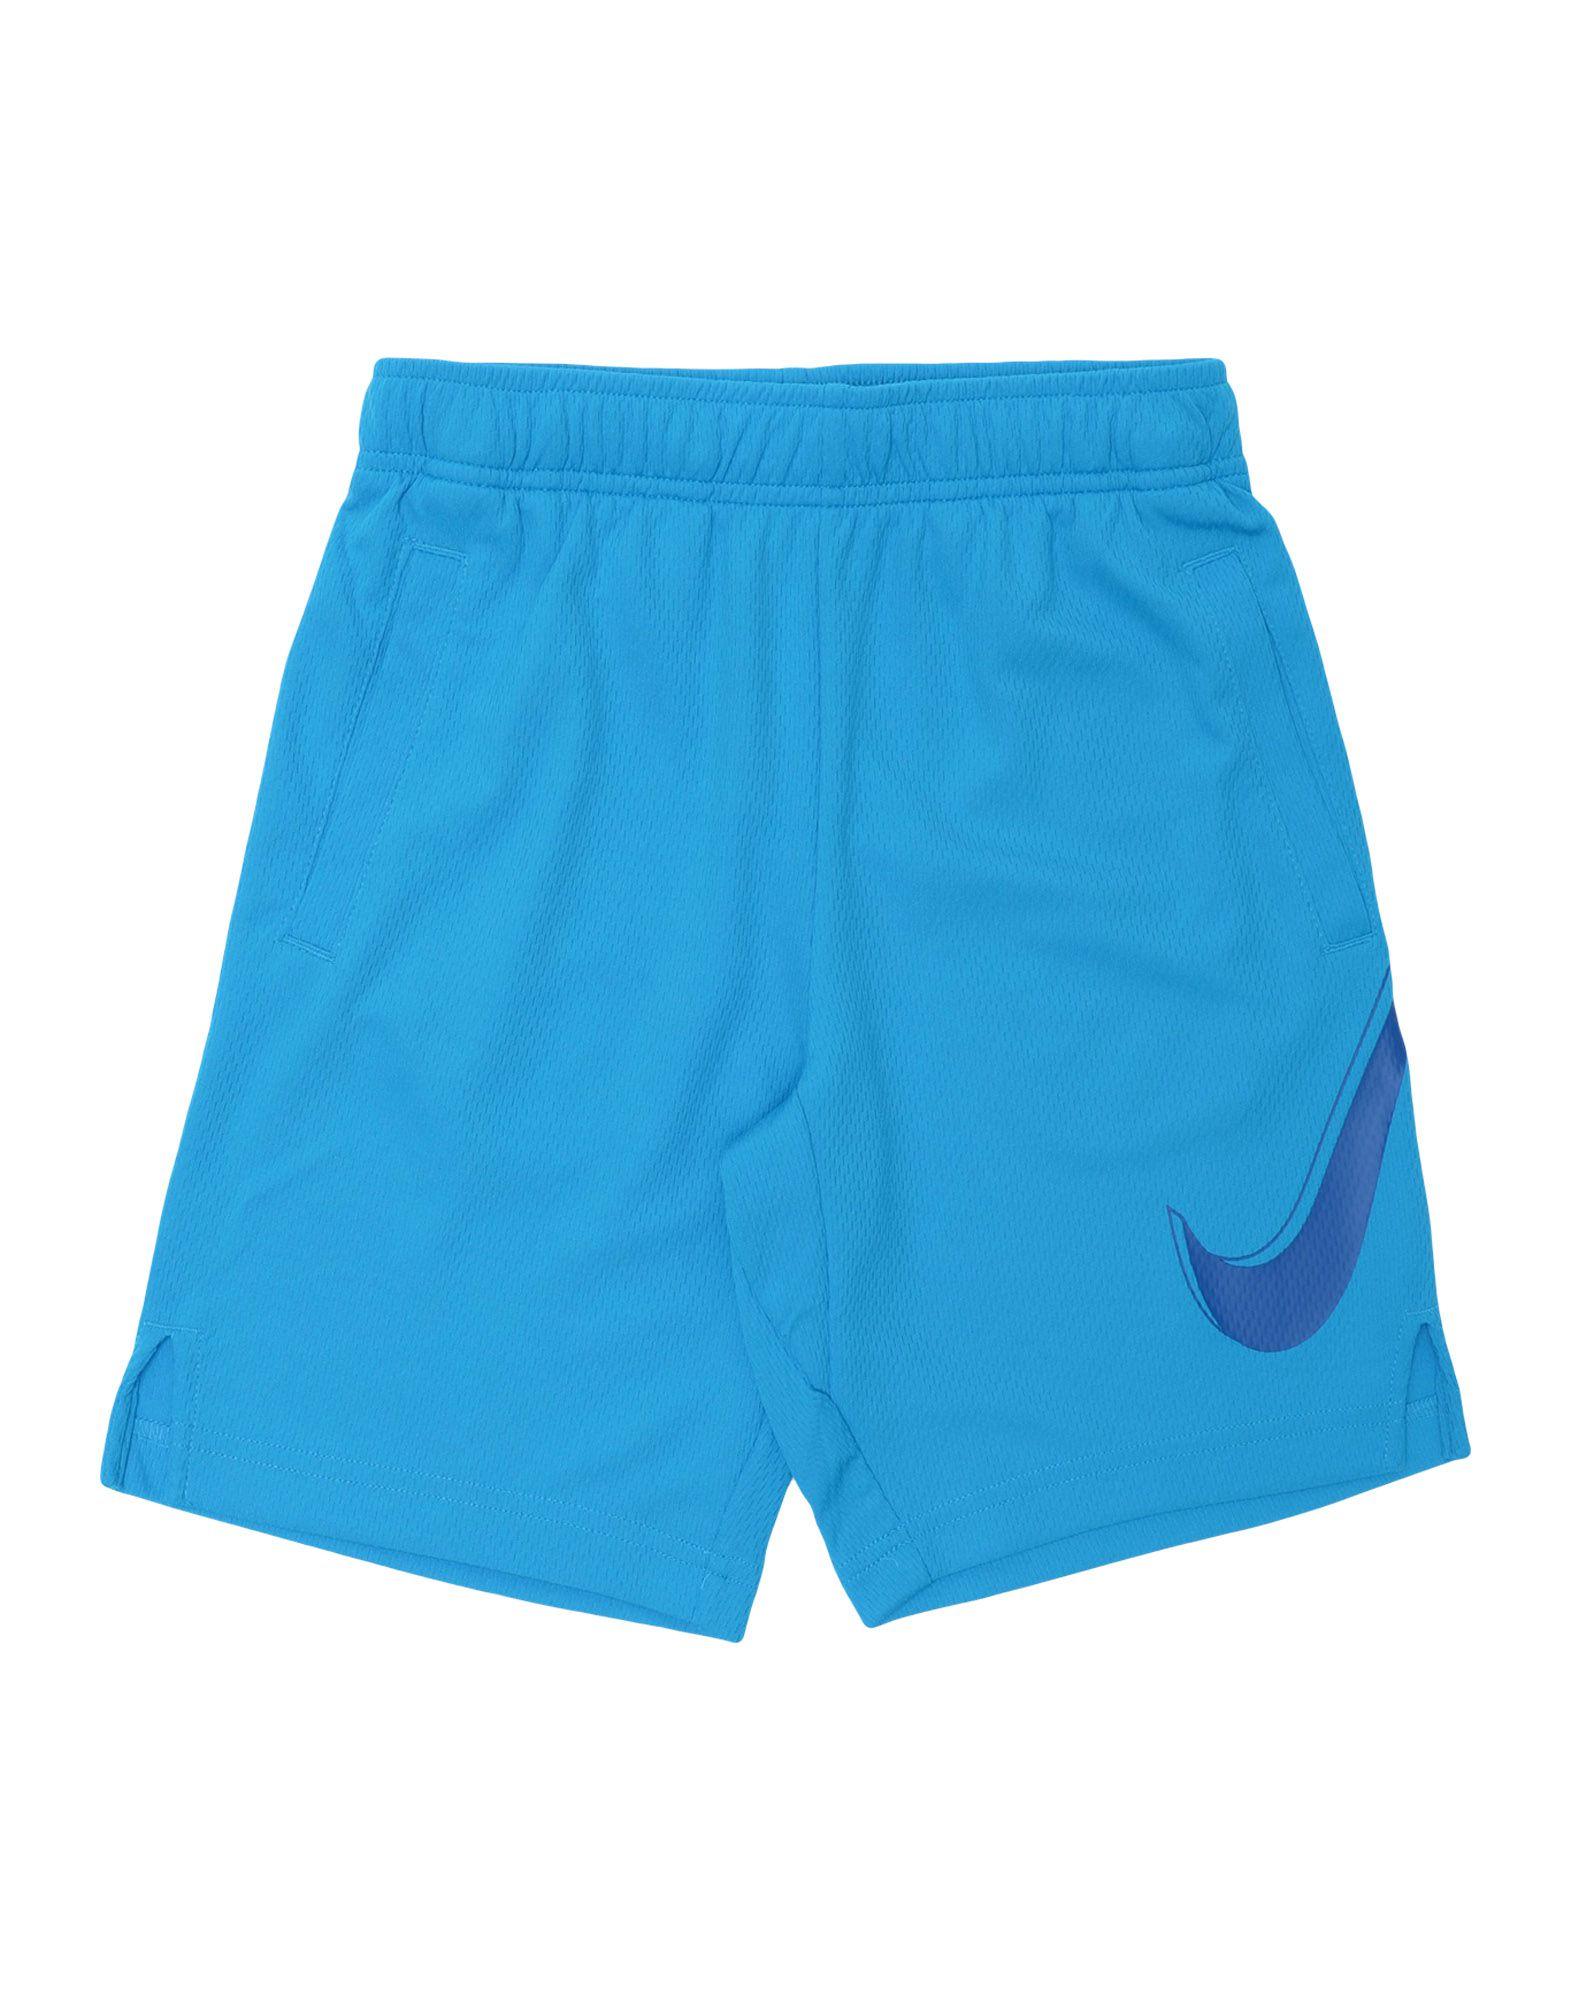 40917846c3 Σορτς + Βερμουδες Nike Αγόρι 9-16 ετών στο YOOX